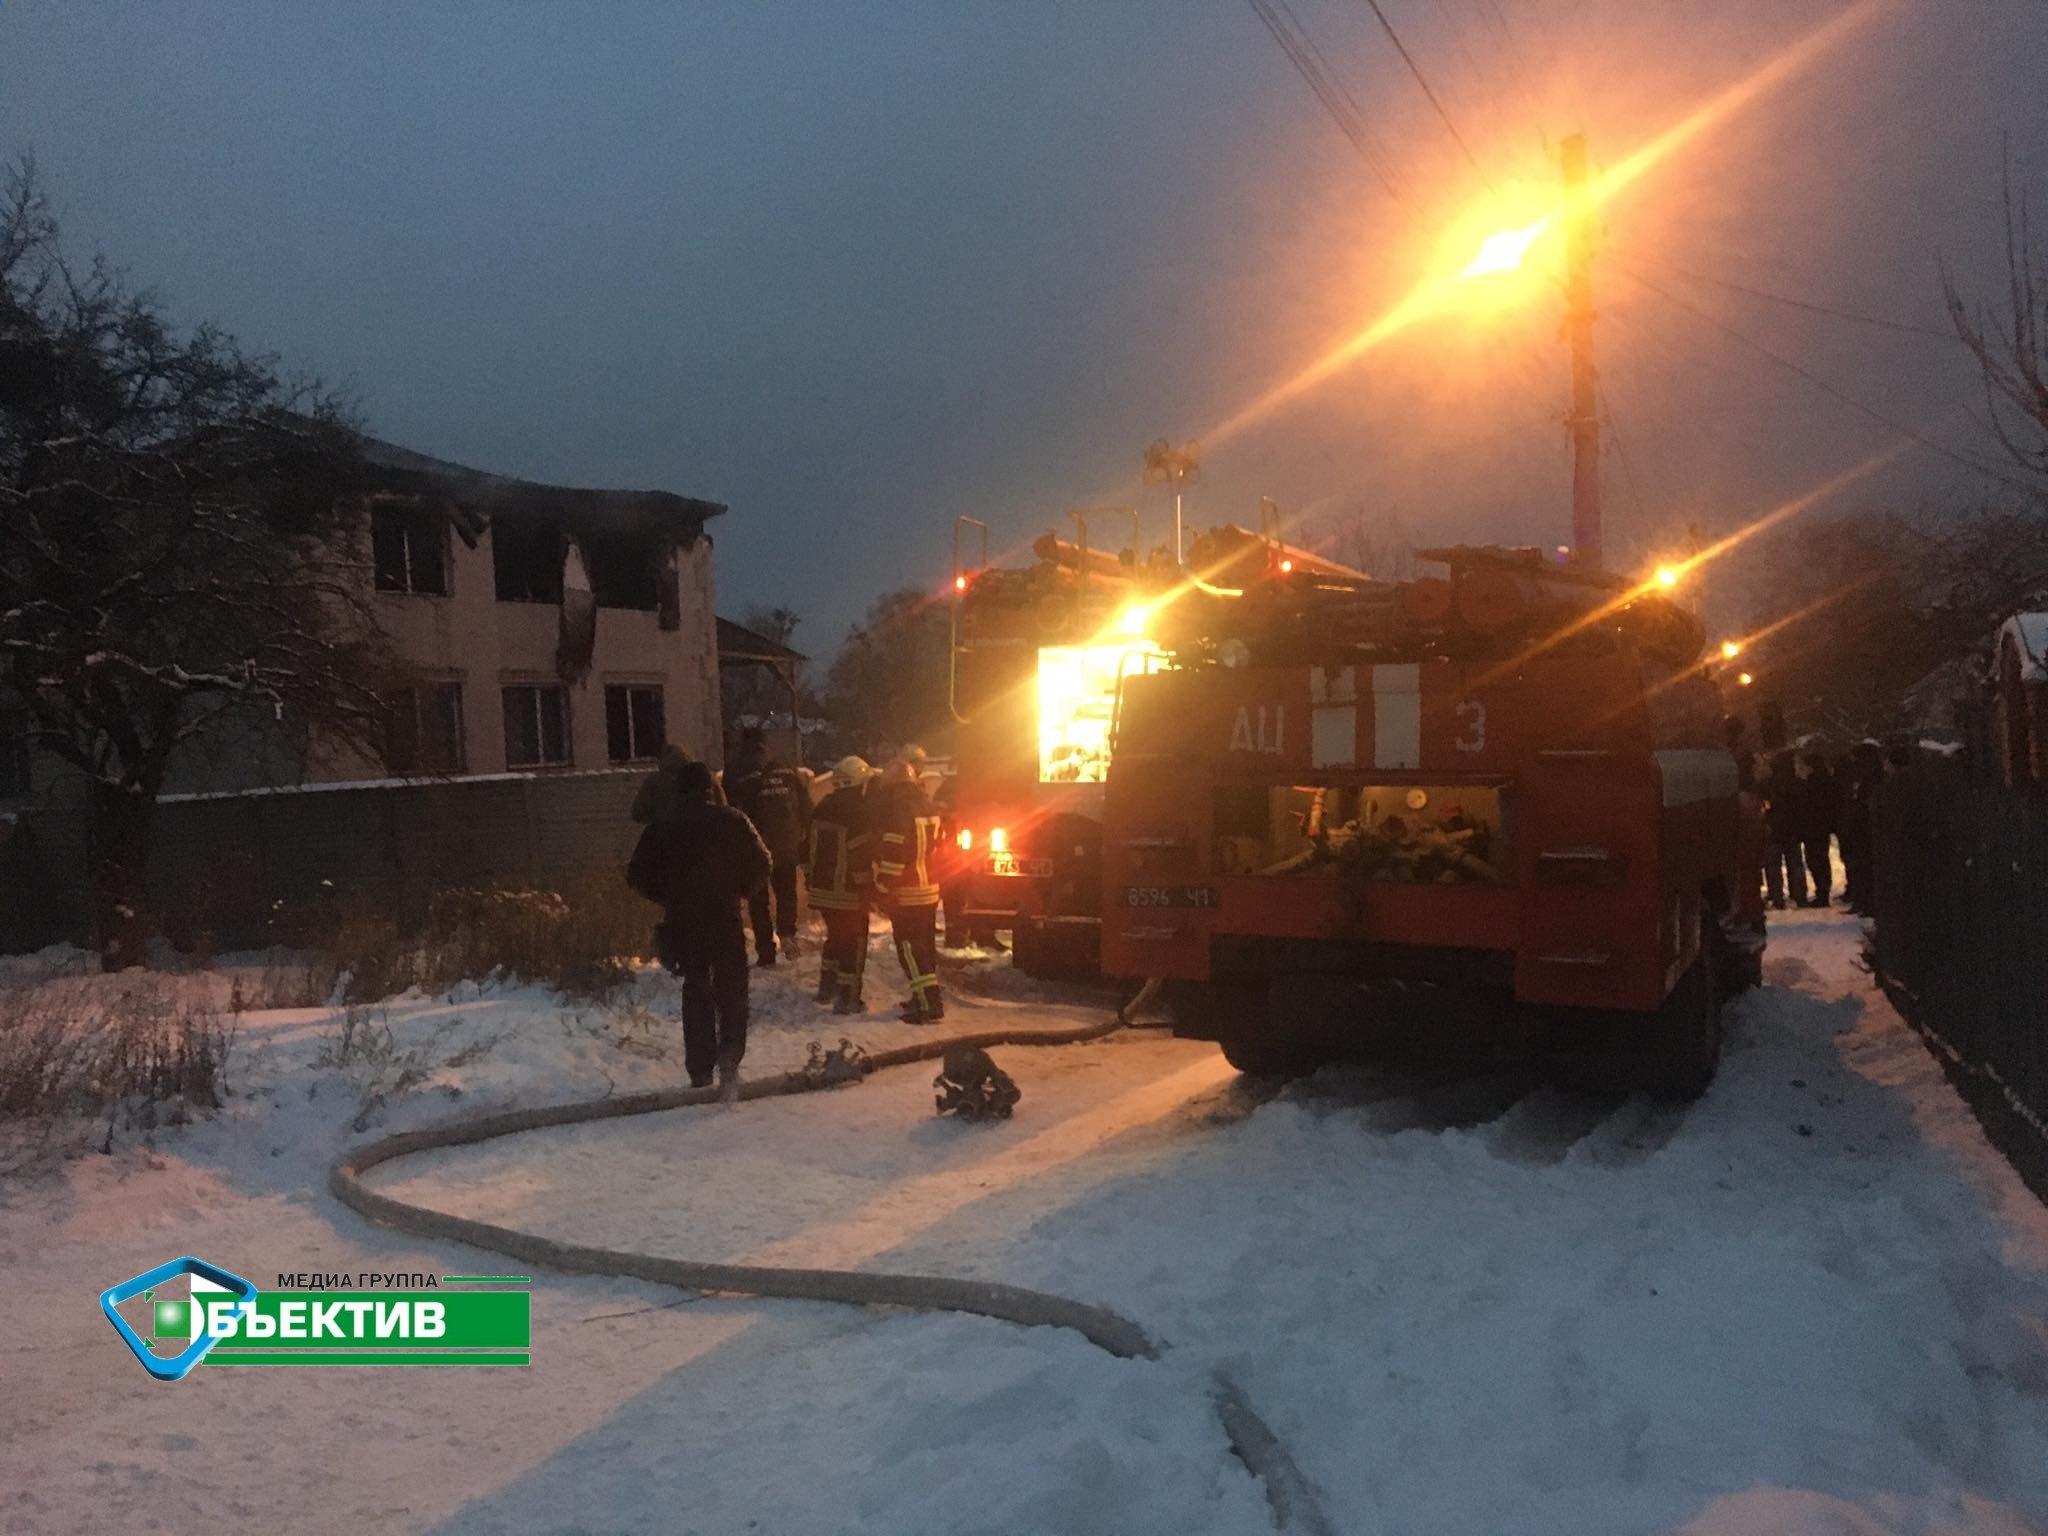 Пожар в харьковском доме престарелых: руководительницу хосписа и владельца здания оставили в СИЗО